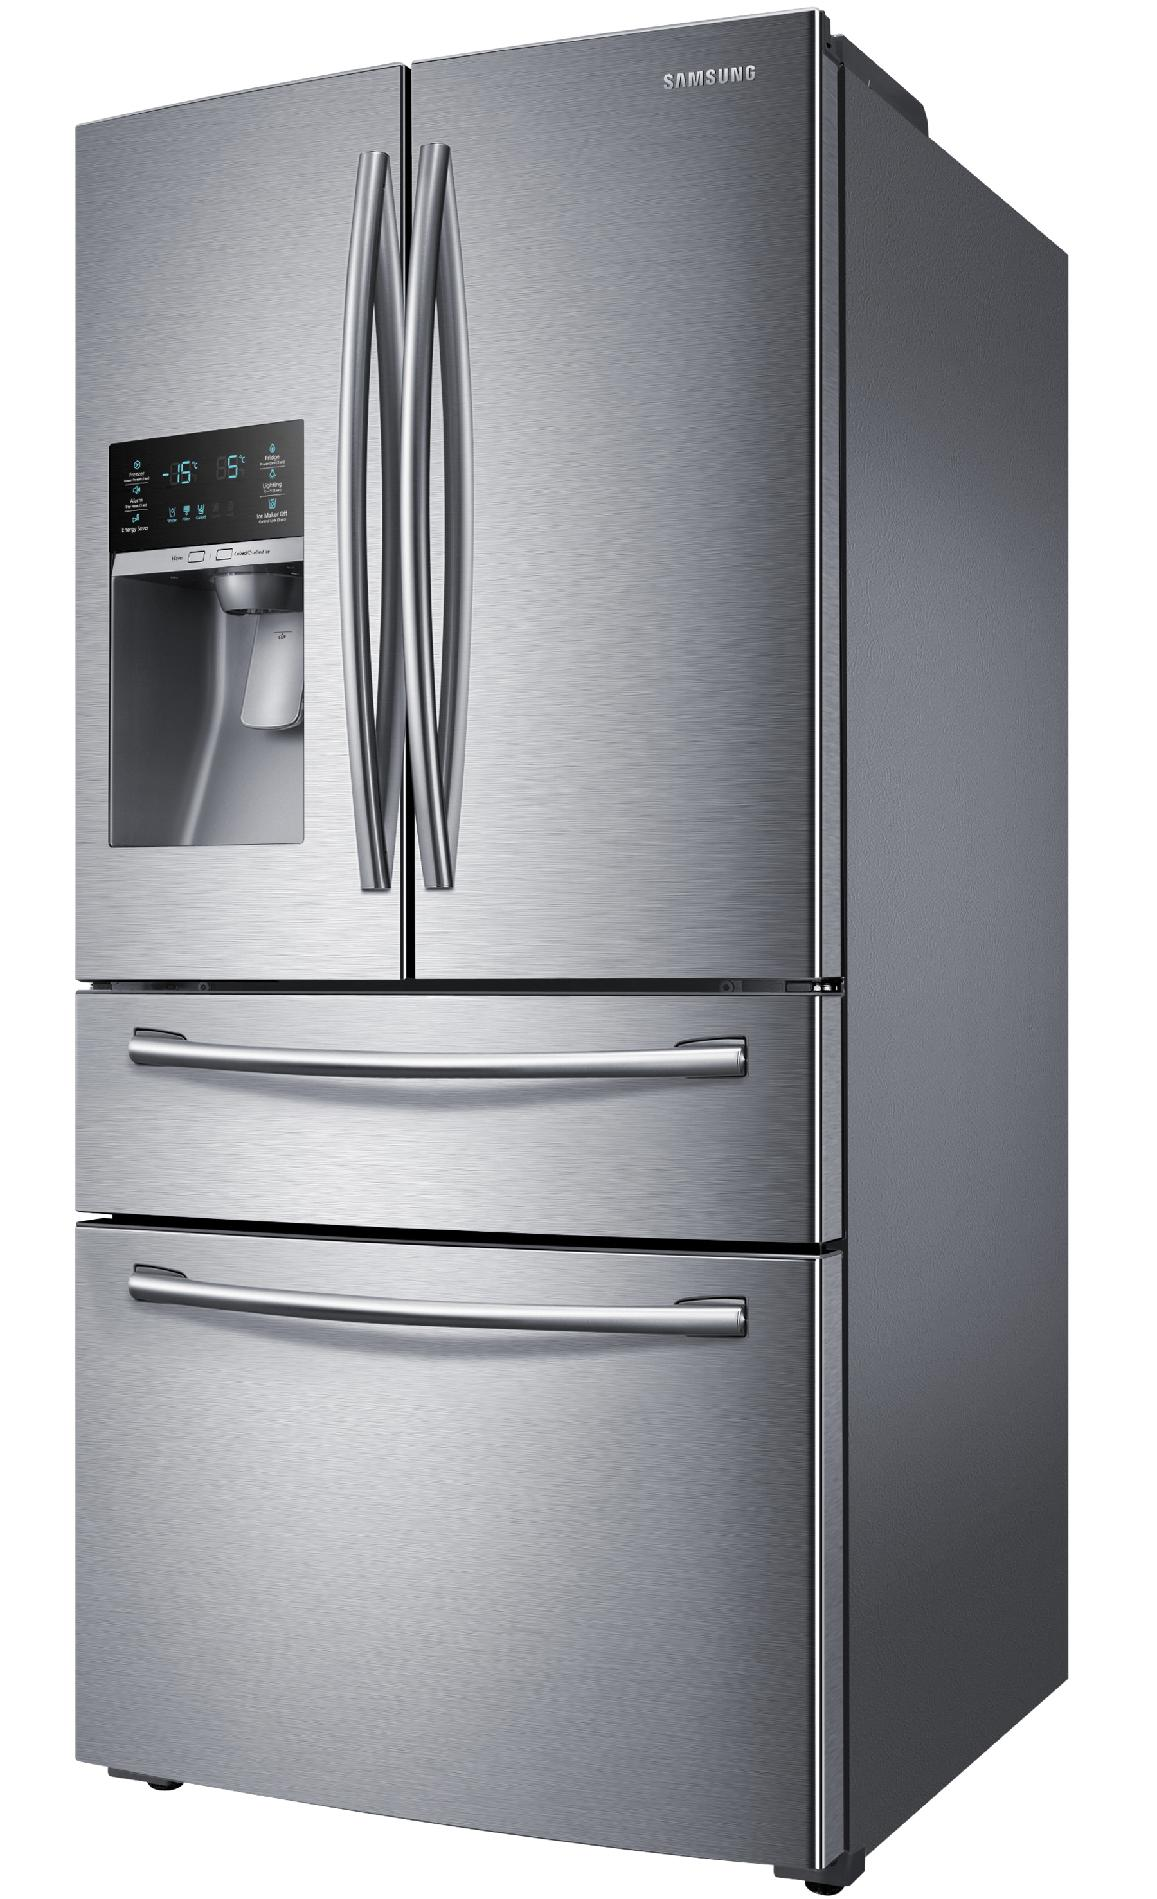 Samsung 28 cu. ft. 4-Door French Door Refrigerator - Stainless Steel